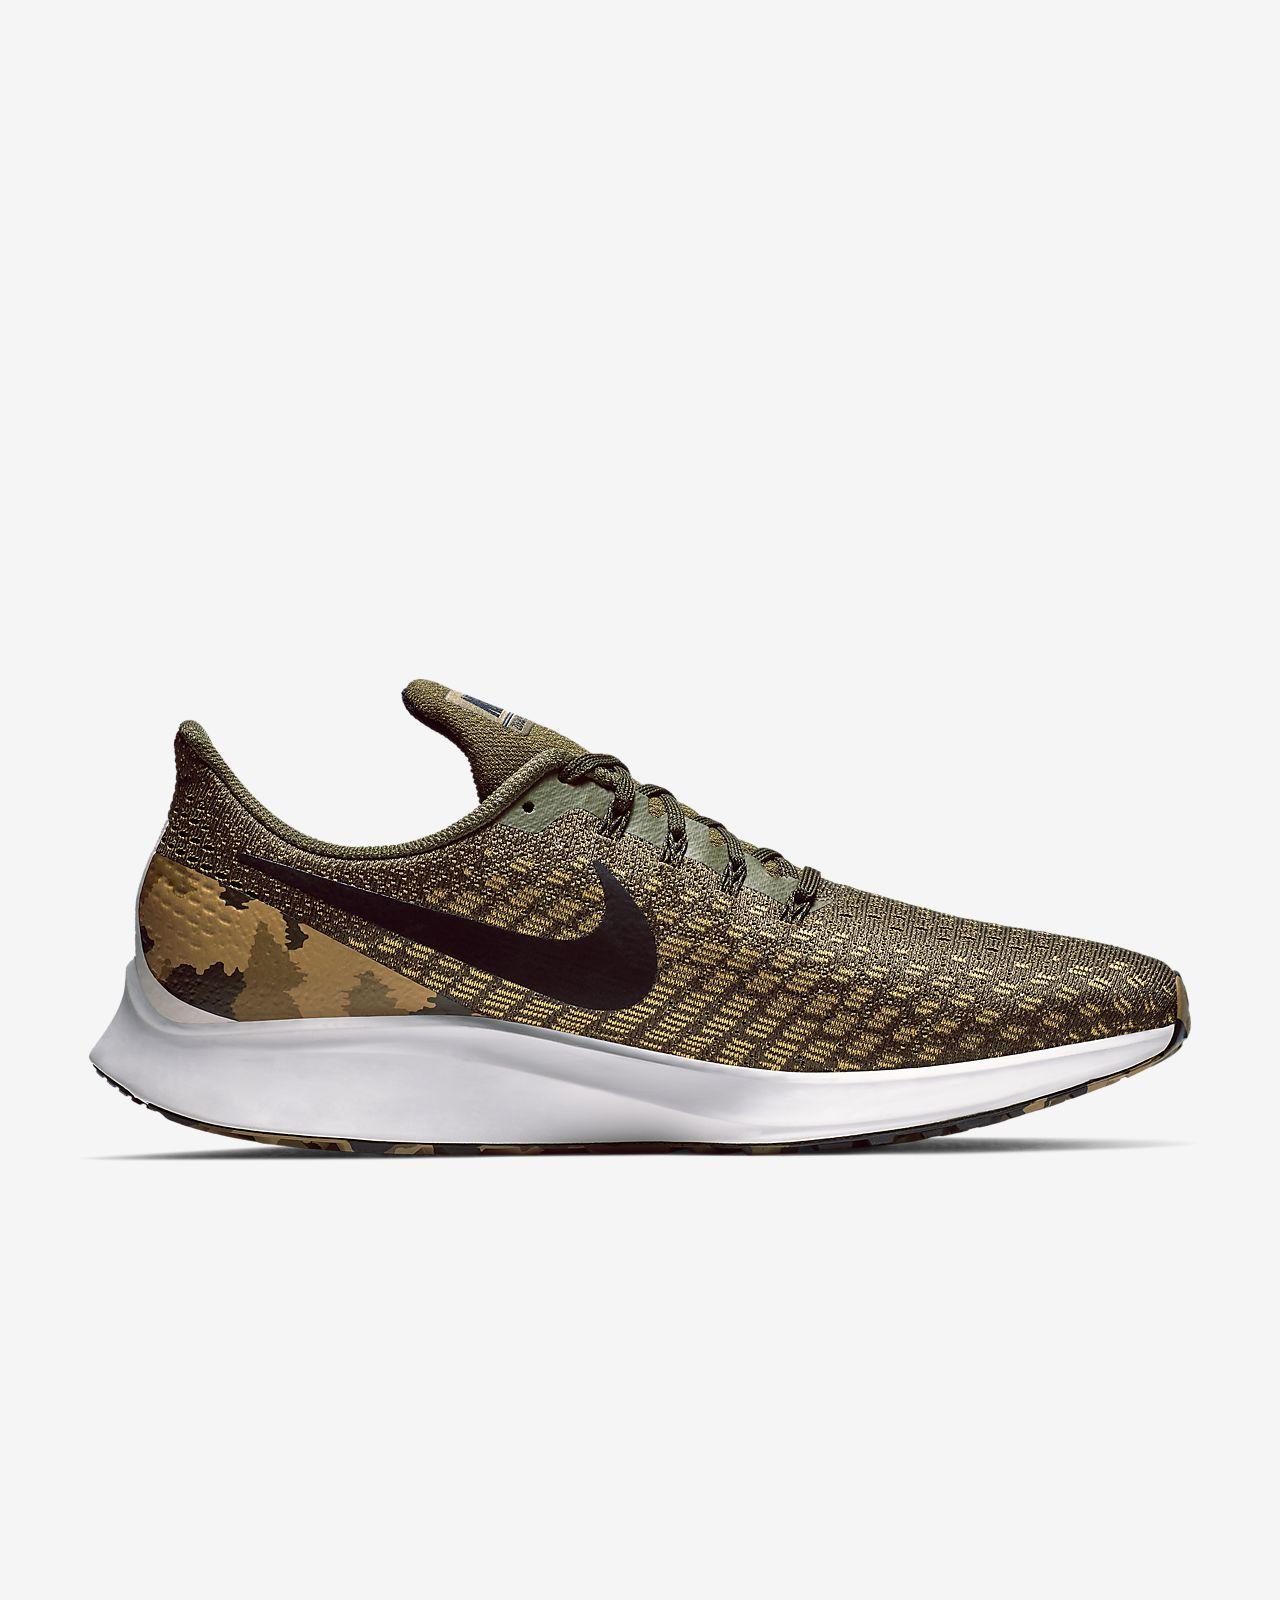 buy online 8310a 8fbbc ... Calzado de running con estampado de camuflaje para hombre Nike Air Zoom  Pegasus 35